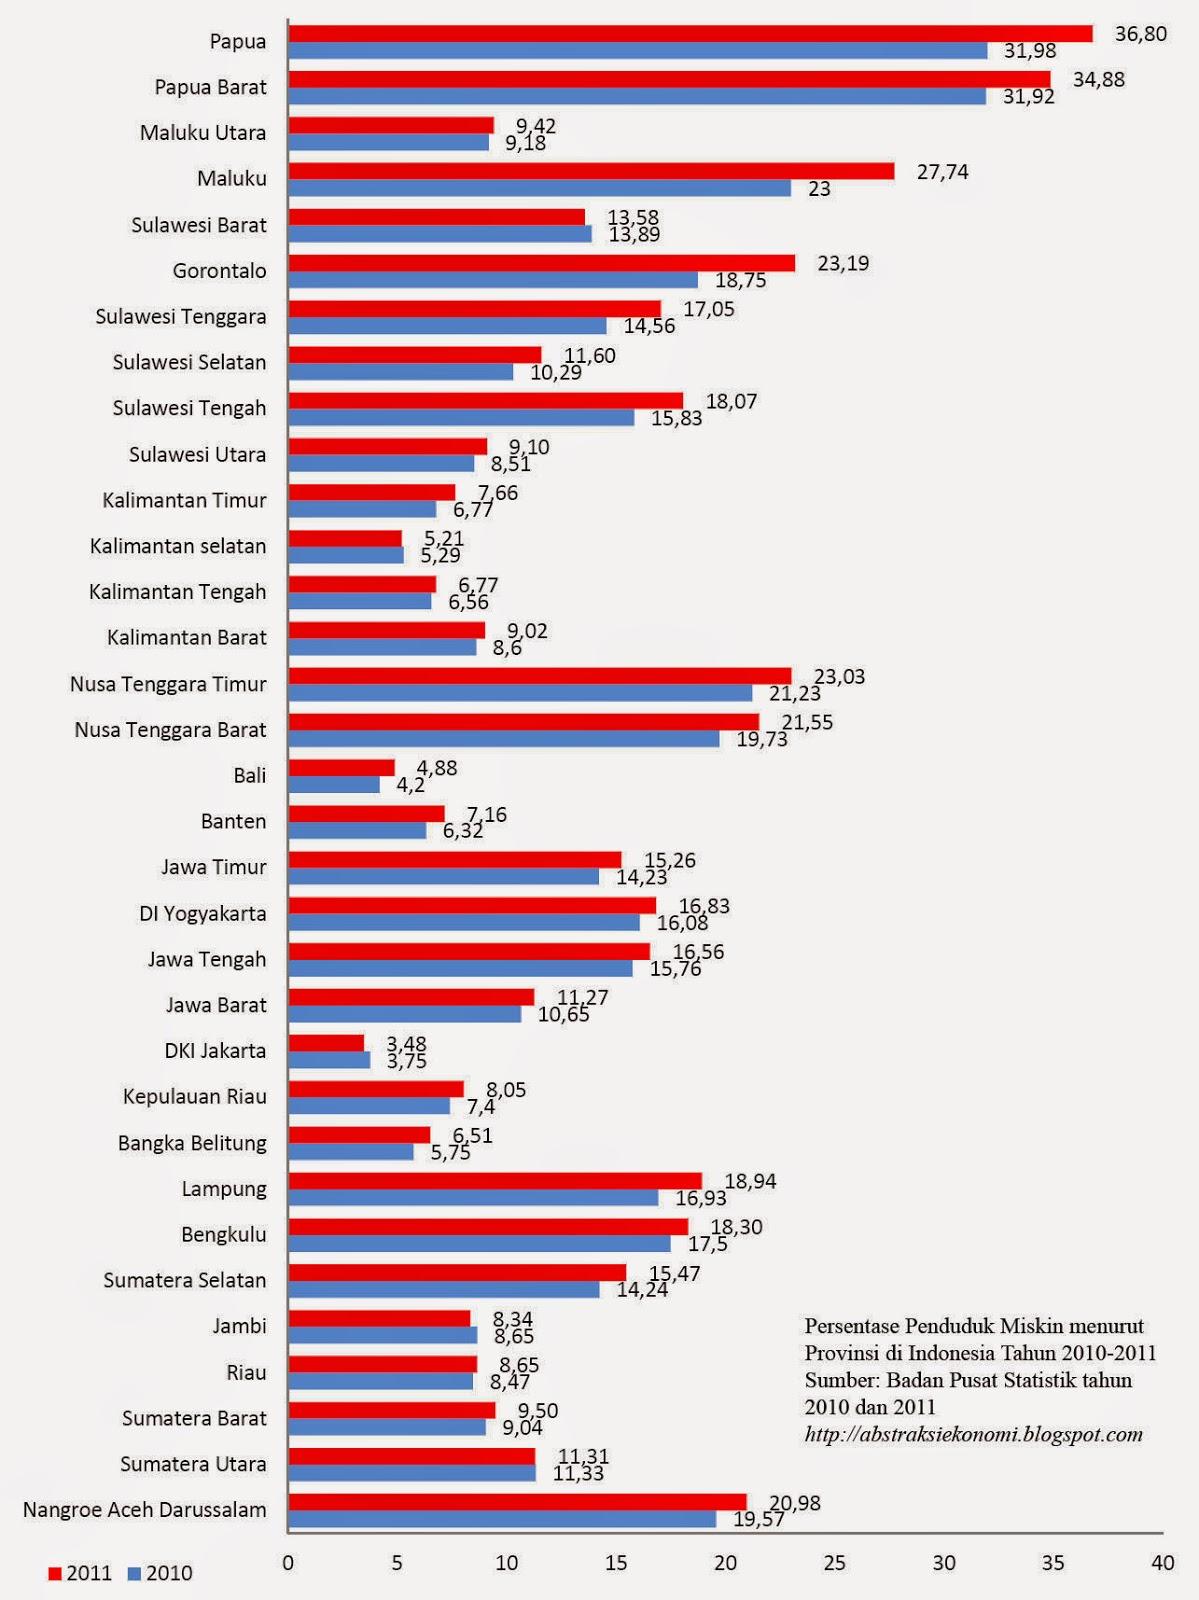 Persentase Penduduk Miskin menurut Provinsi di Indonesia Tahun 2010-2011